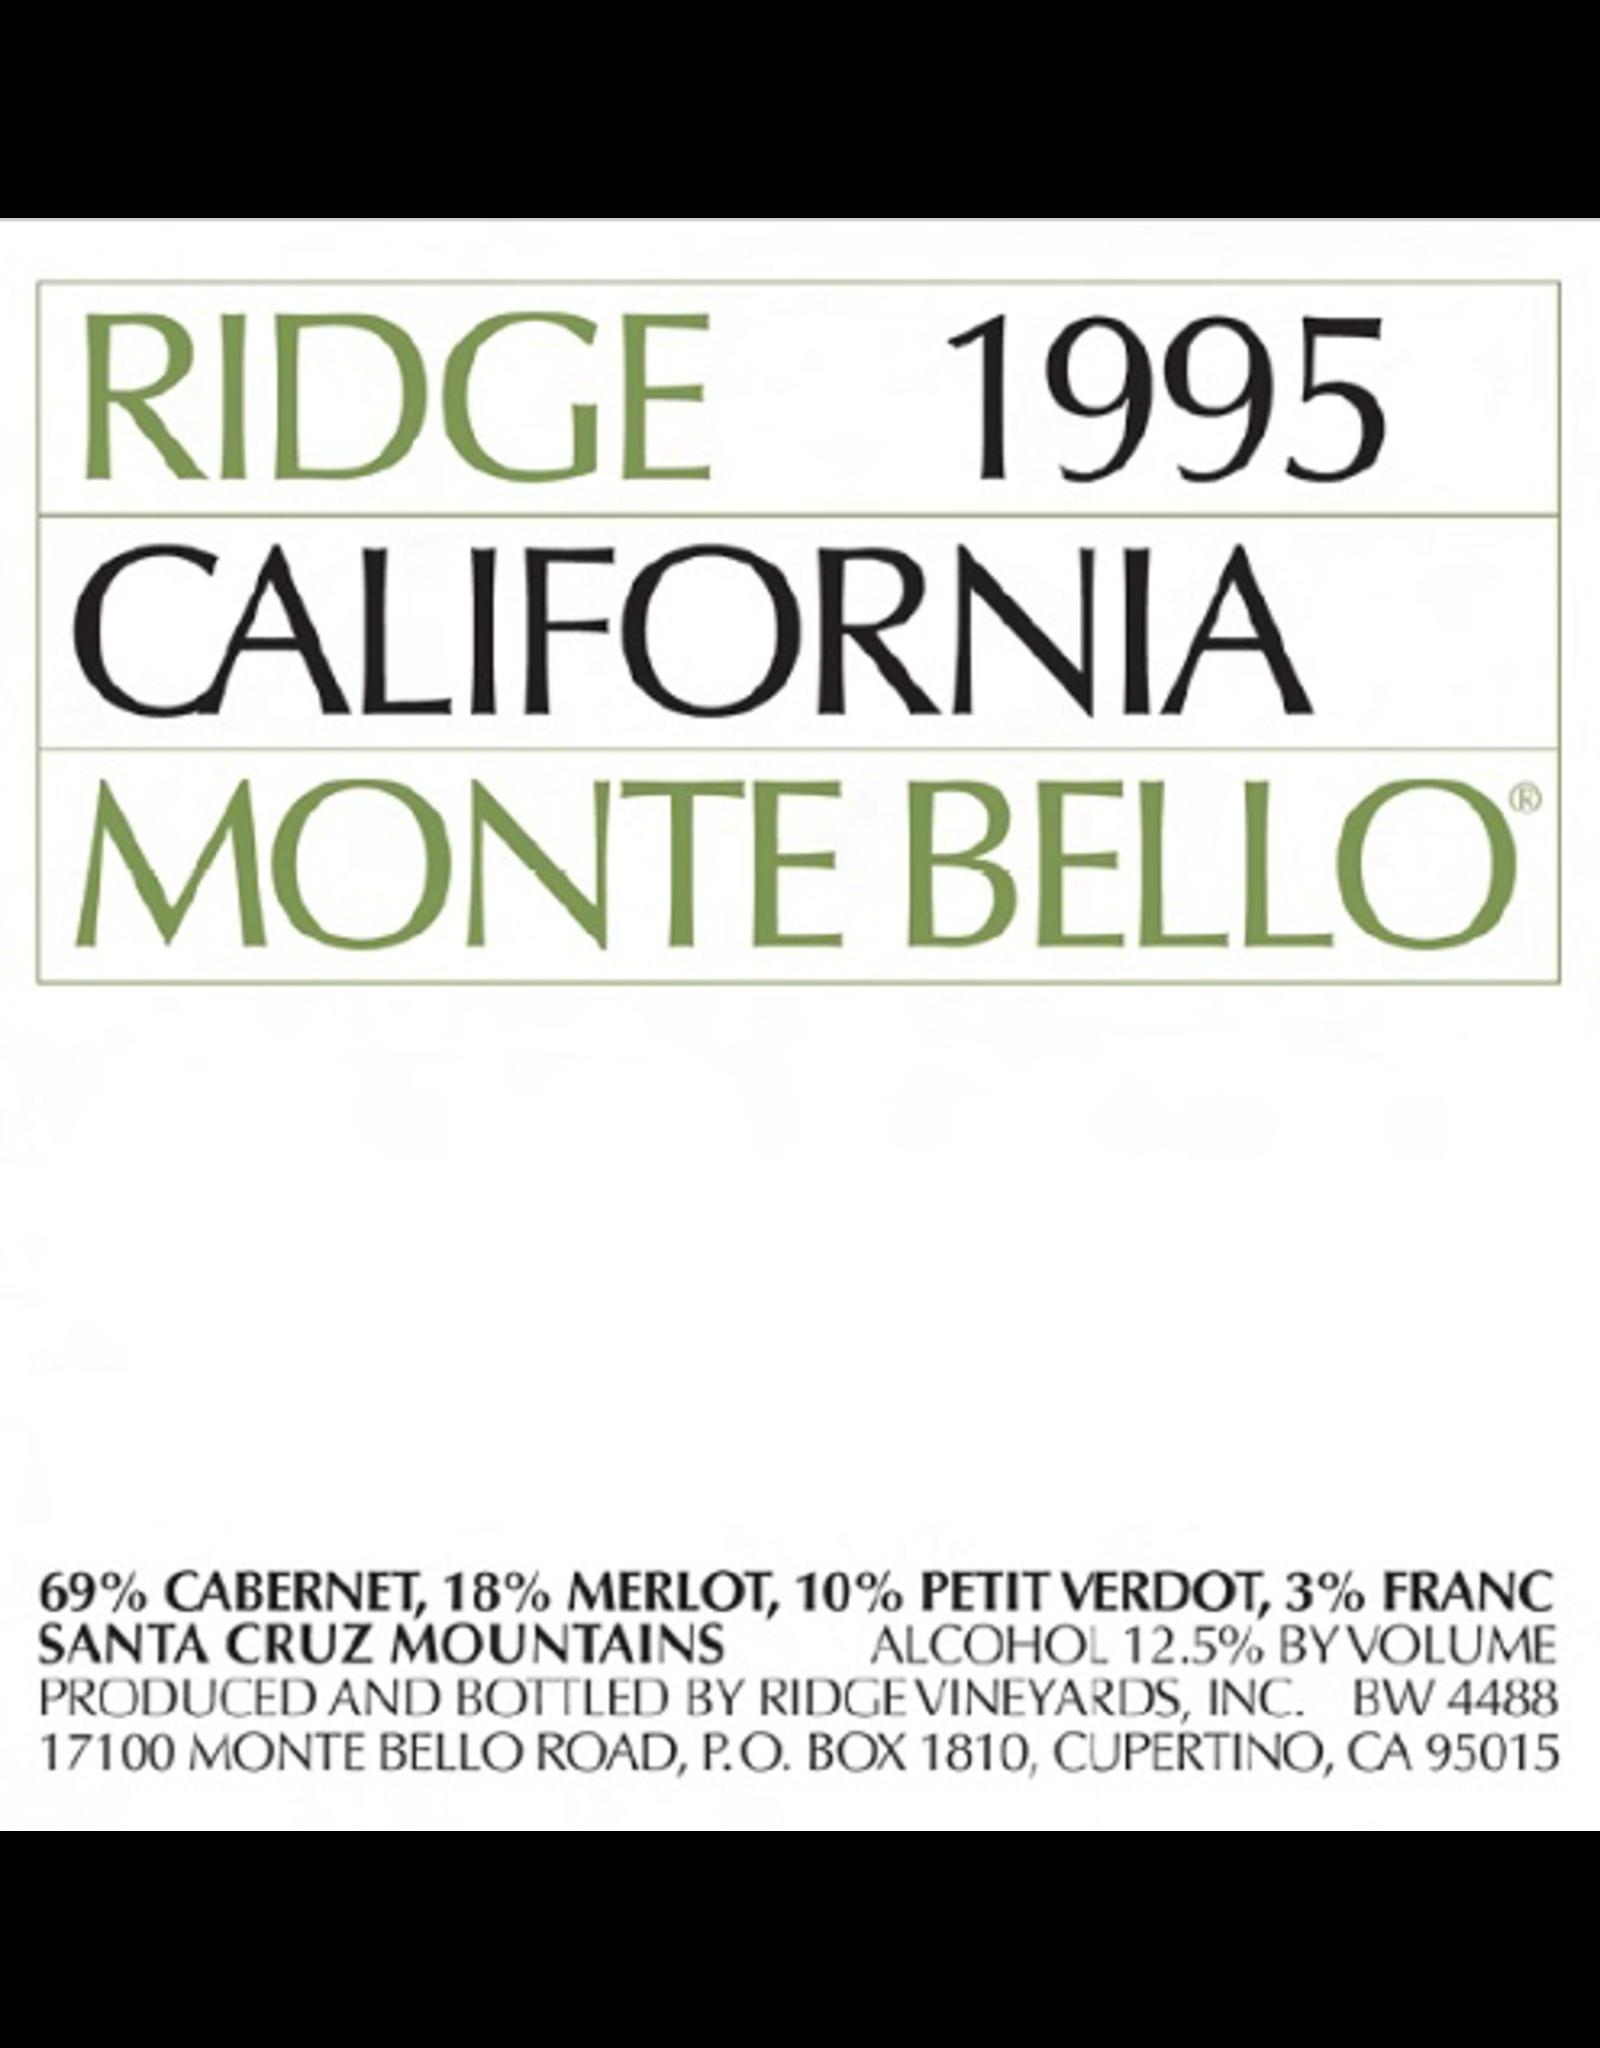 Ridge Monte Bello, Santa Cruz Mountains 1995